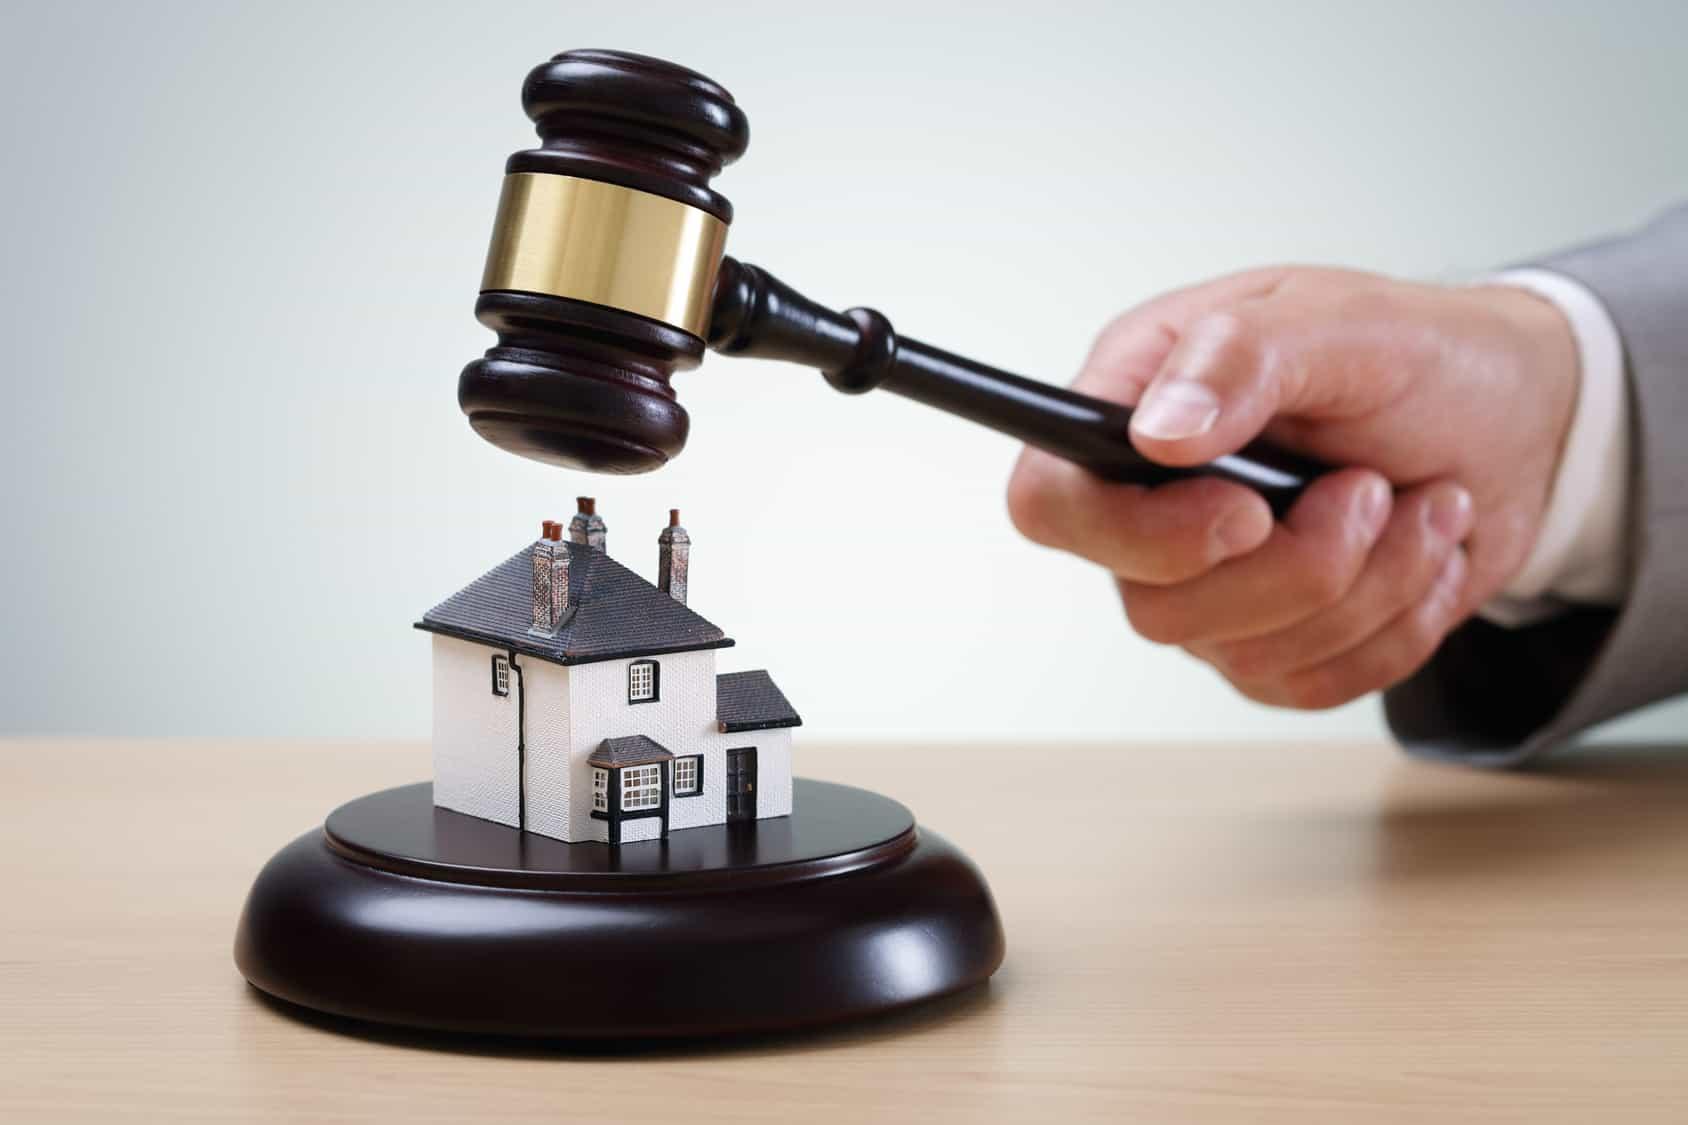 Ingatlanjogász, ingatlan ügyvéd, ingatlan bérlés, ingatlan adásvétel